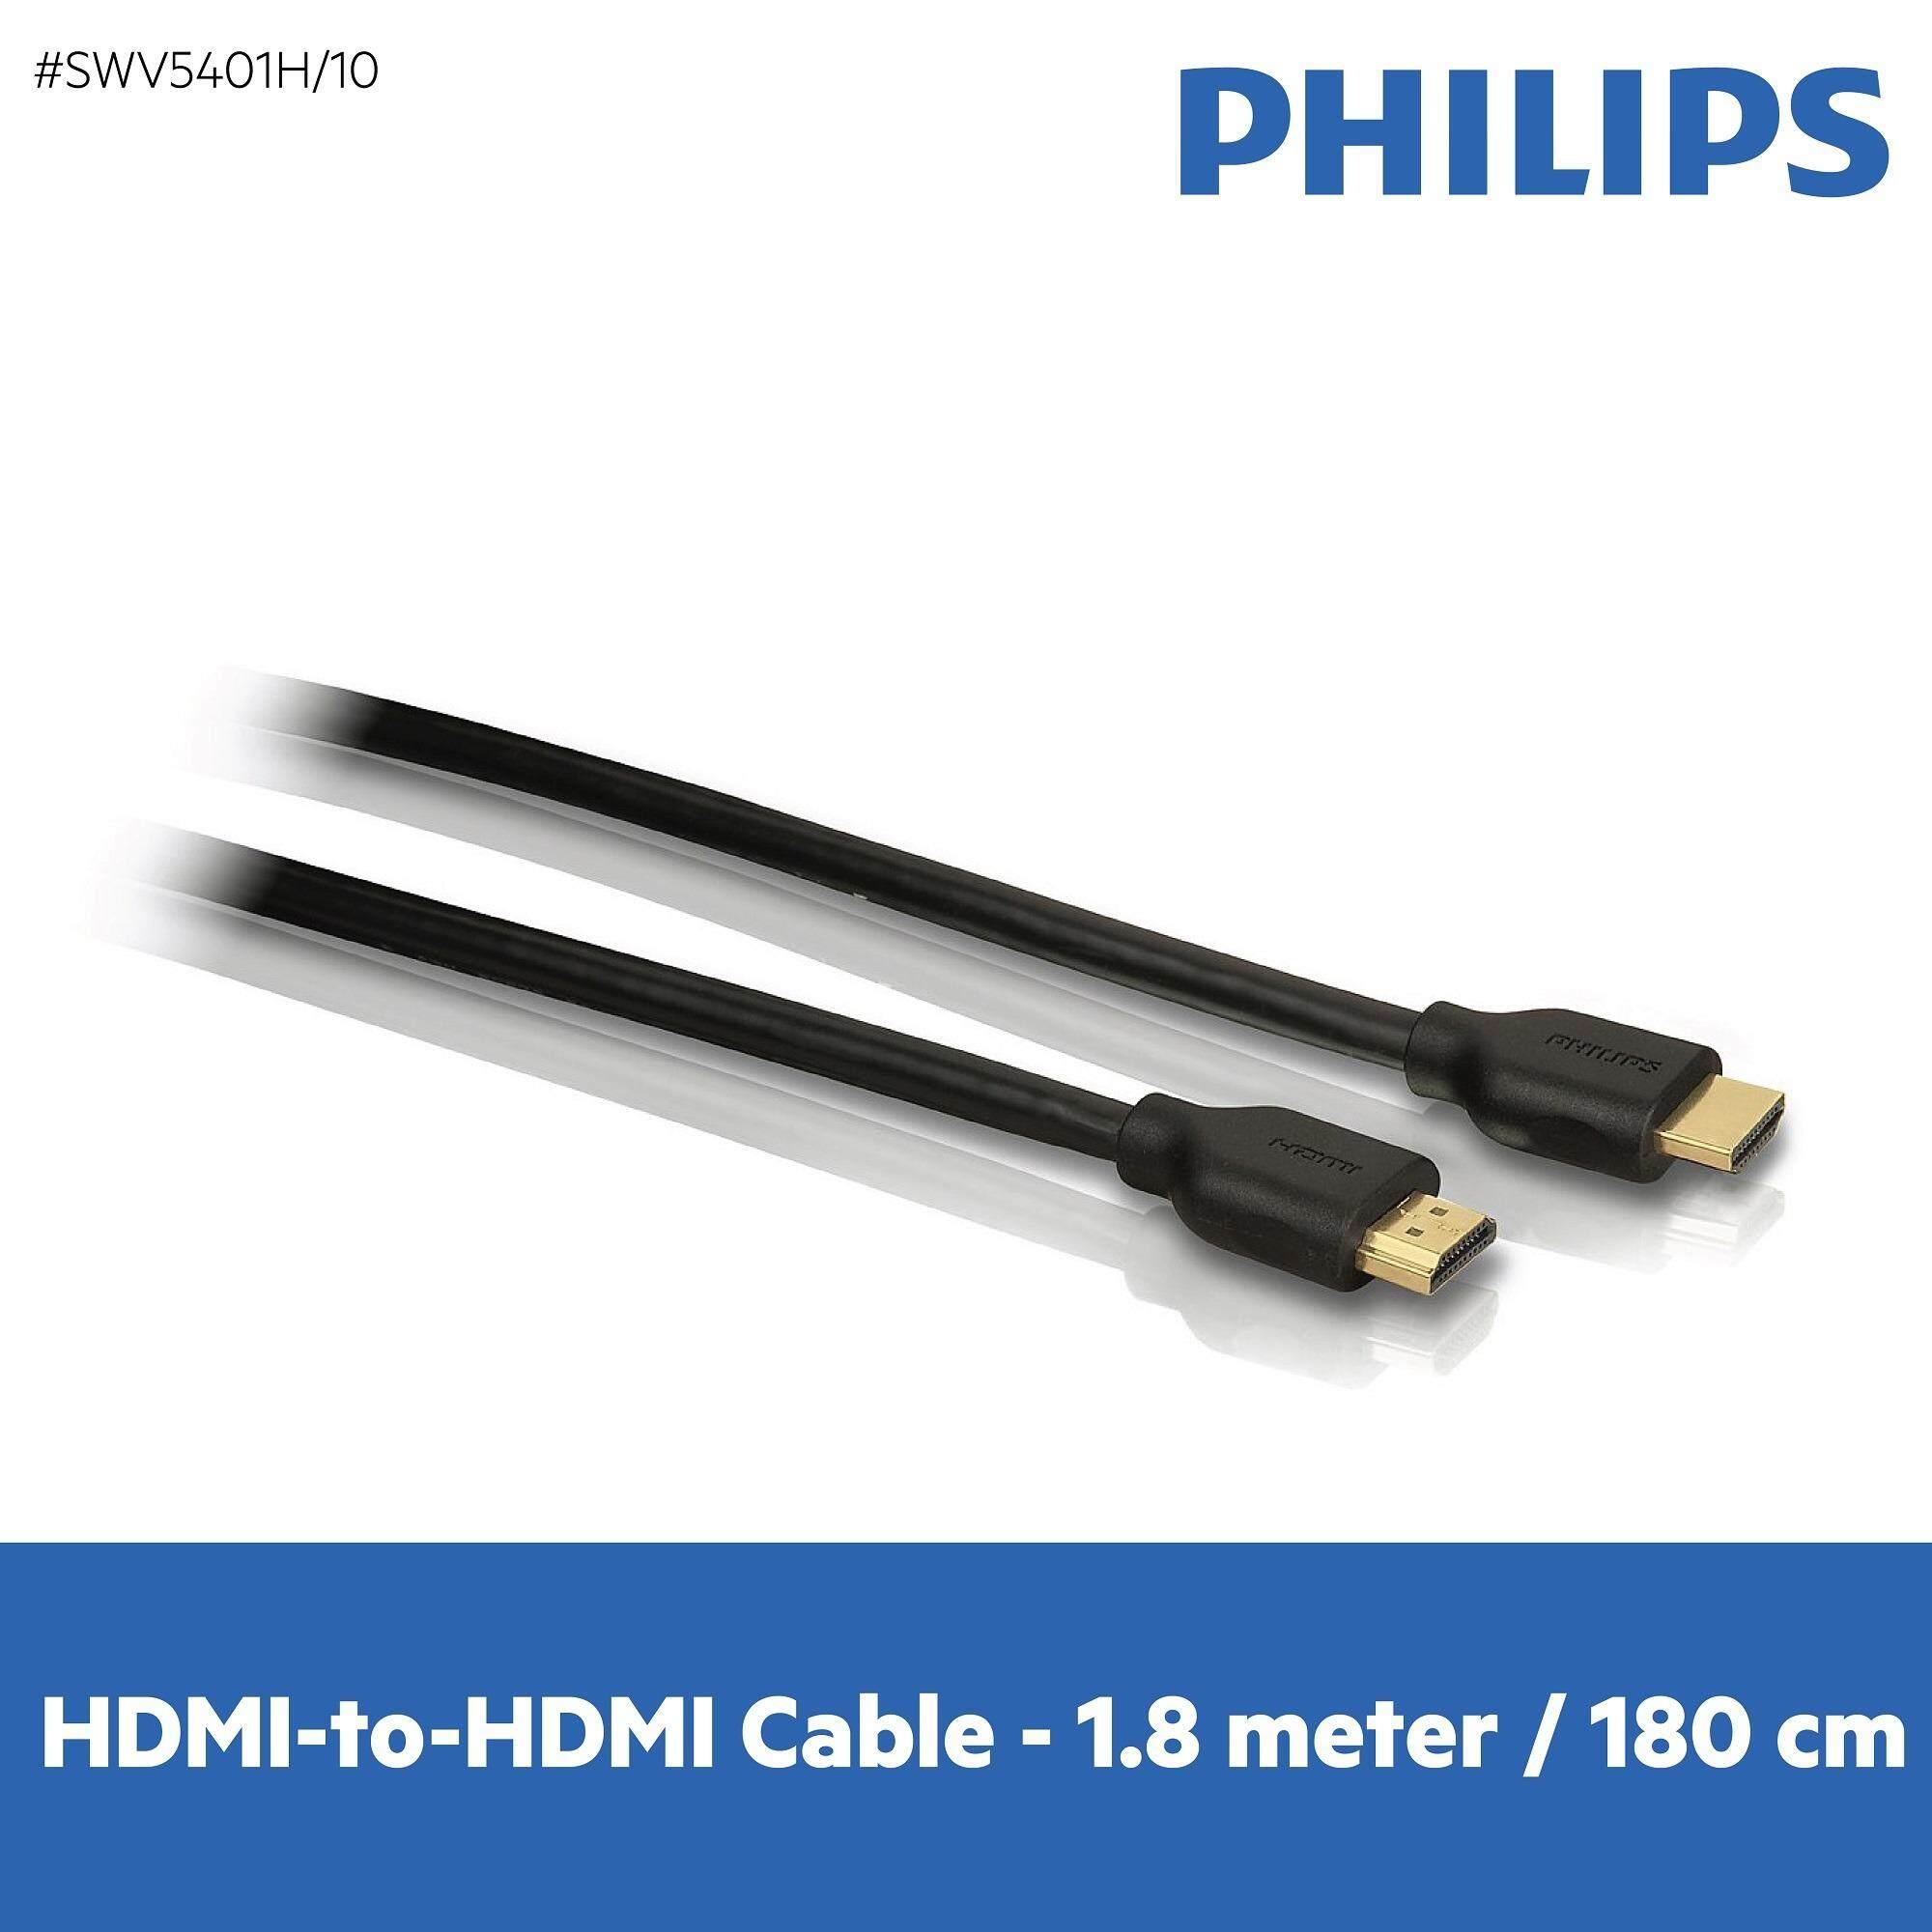 ราคา Philips สายส่งสัญญาณ Hdmi รุ่น Philips Swv5401H 10 Hdmi Cable With Ethernet 1 8 M High Speed Black กรุงเทพมหานคร